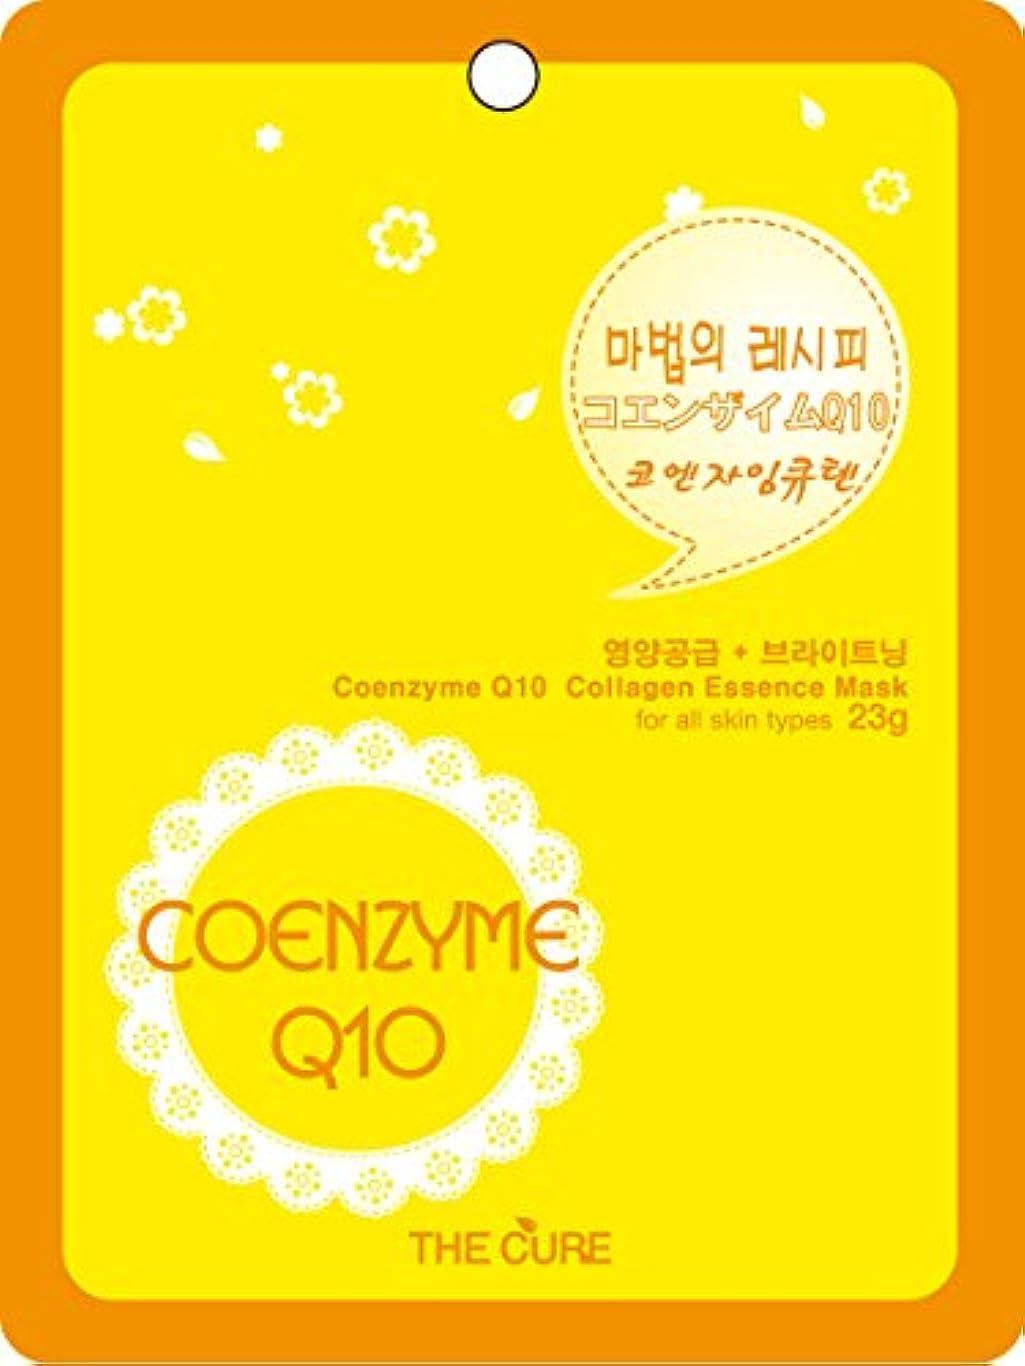 フレキシブル安全なイソギンチャクコエンザイムQ10 コラーゲン エッセンス マスク THE CURE シート パック 100枚セット 韓国 コスメ 乾燥肌 オイリー肌 混合肌